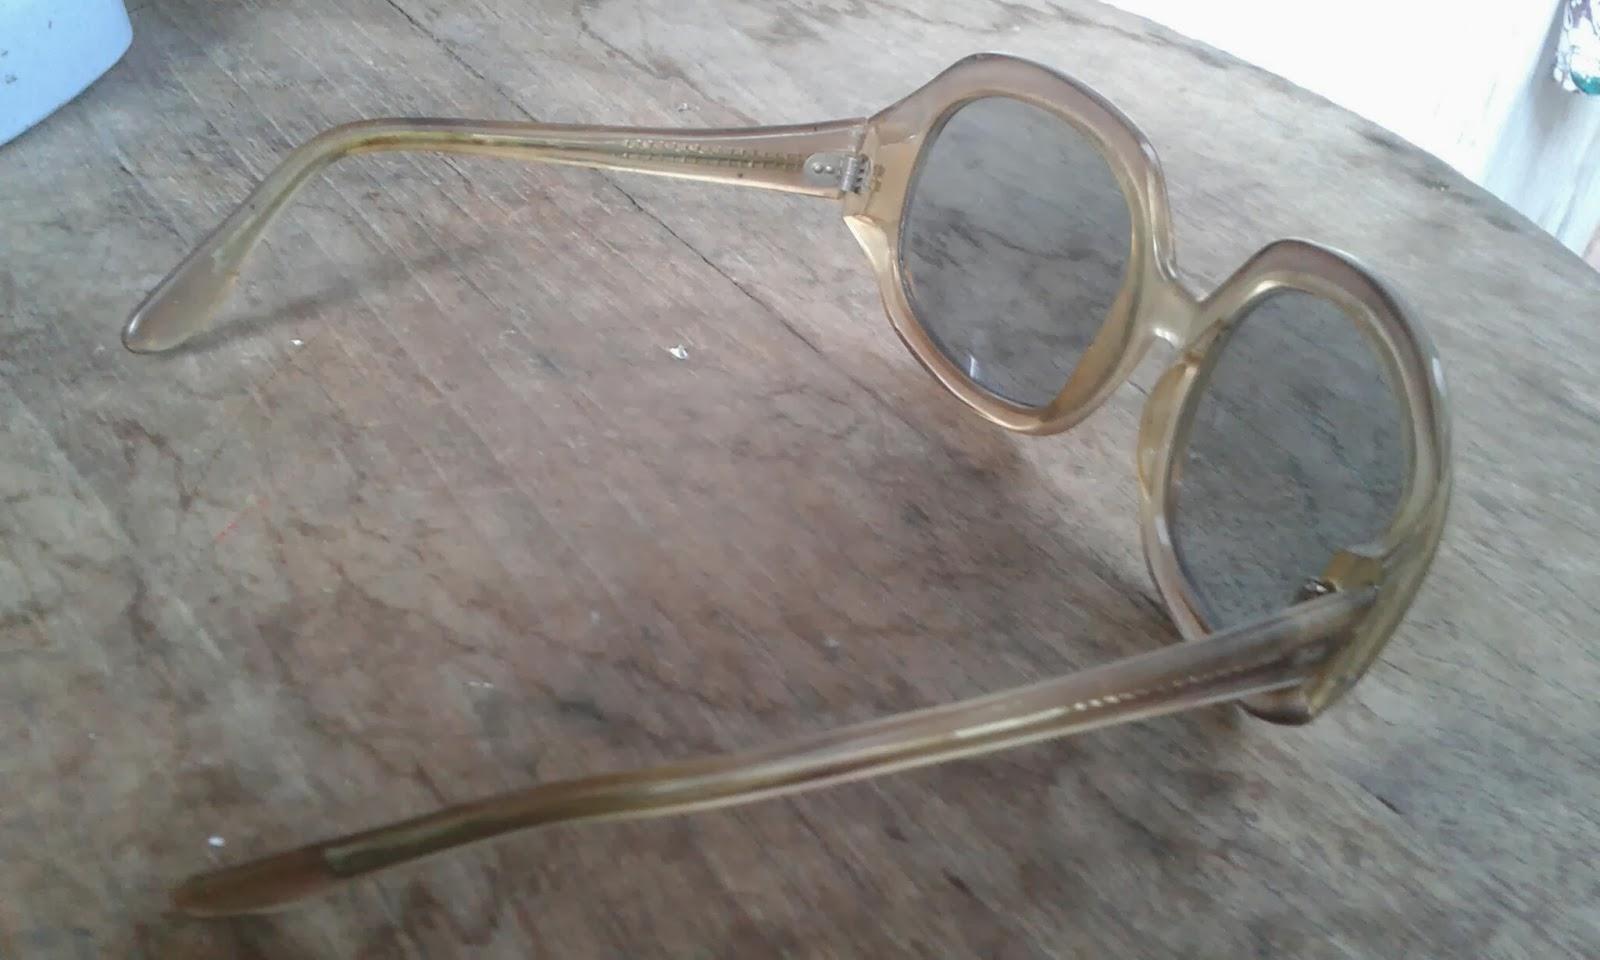 AntikAntikan Kacamata Jadul